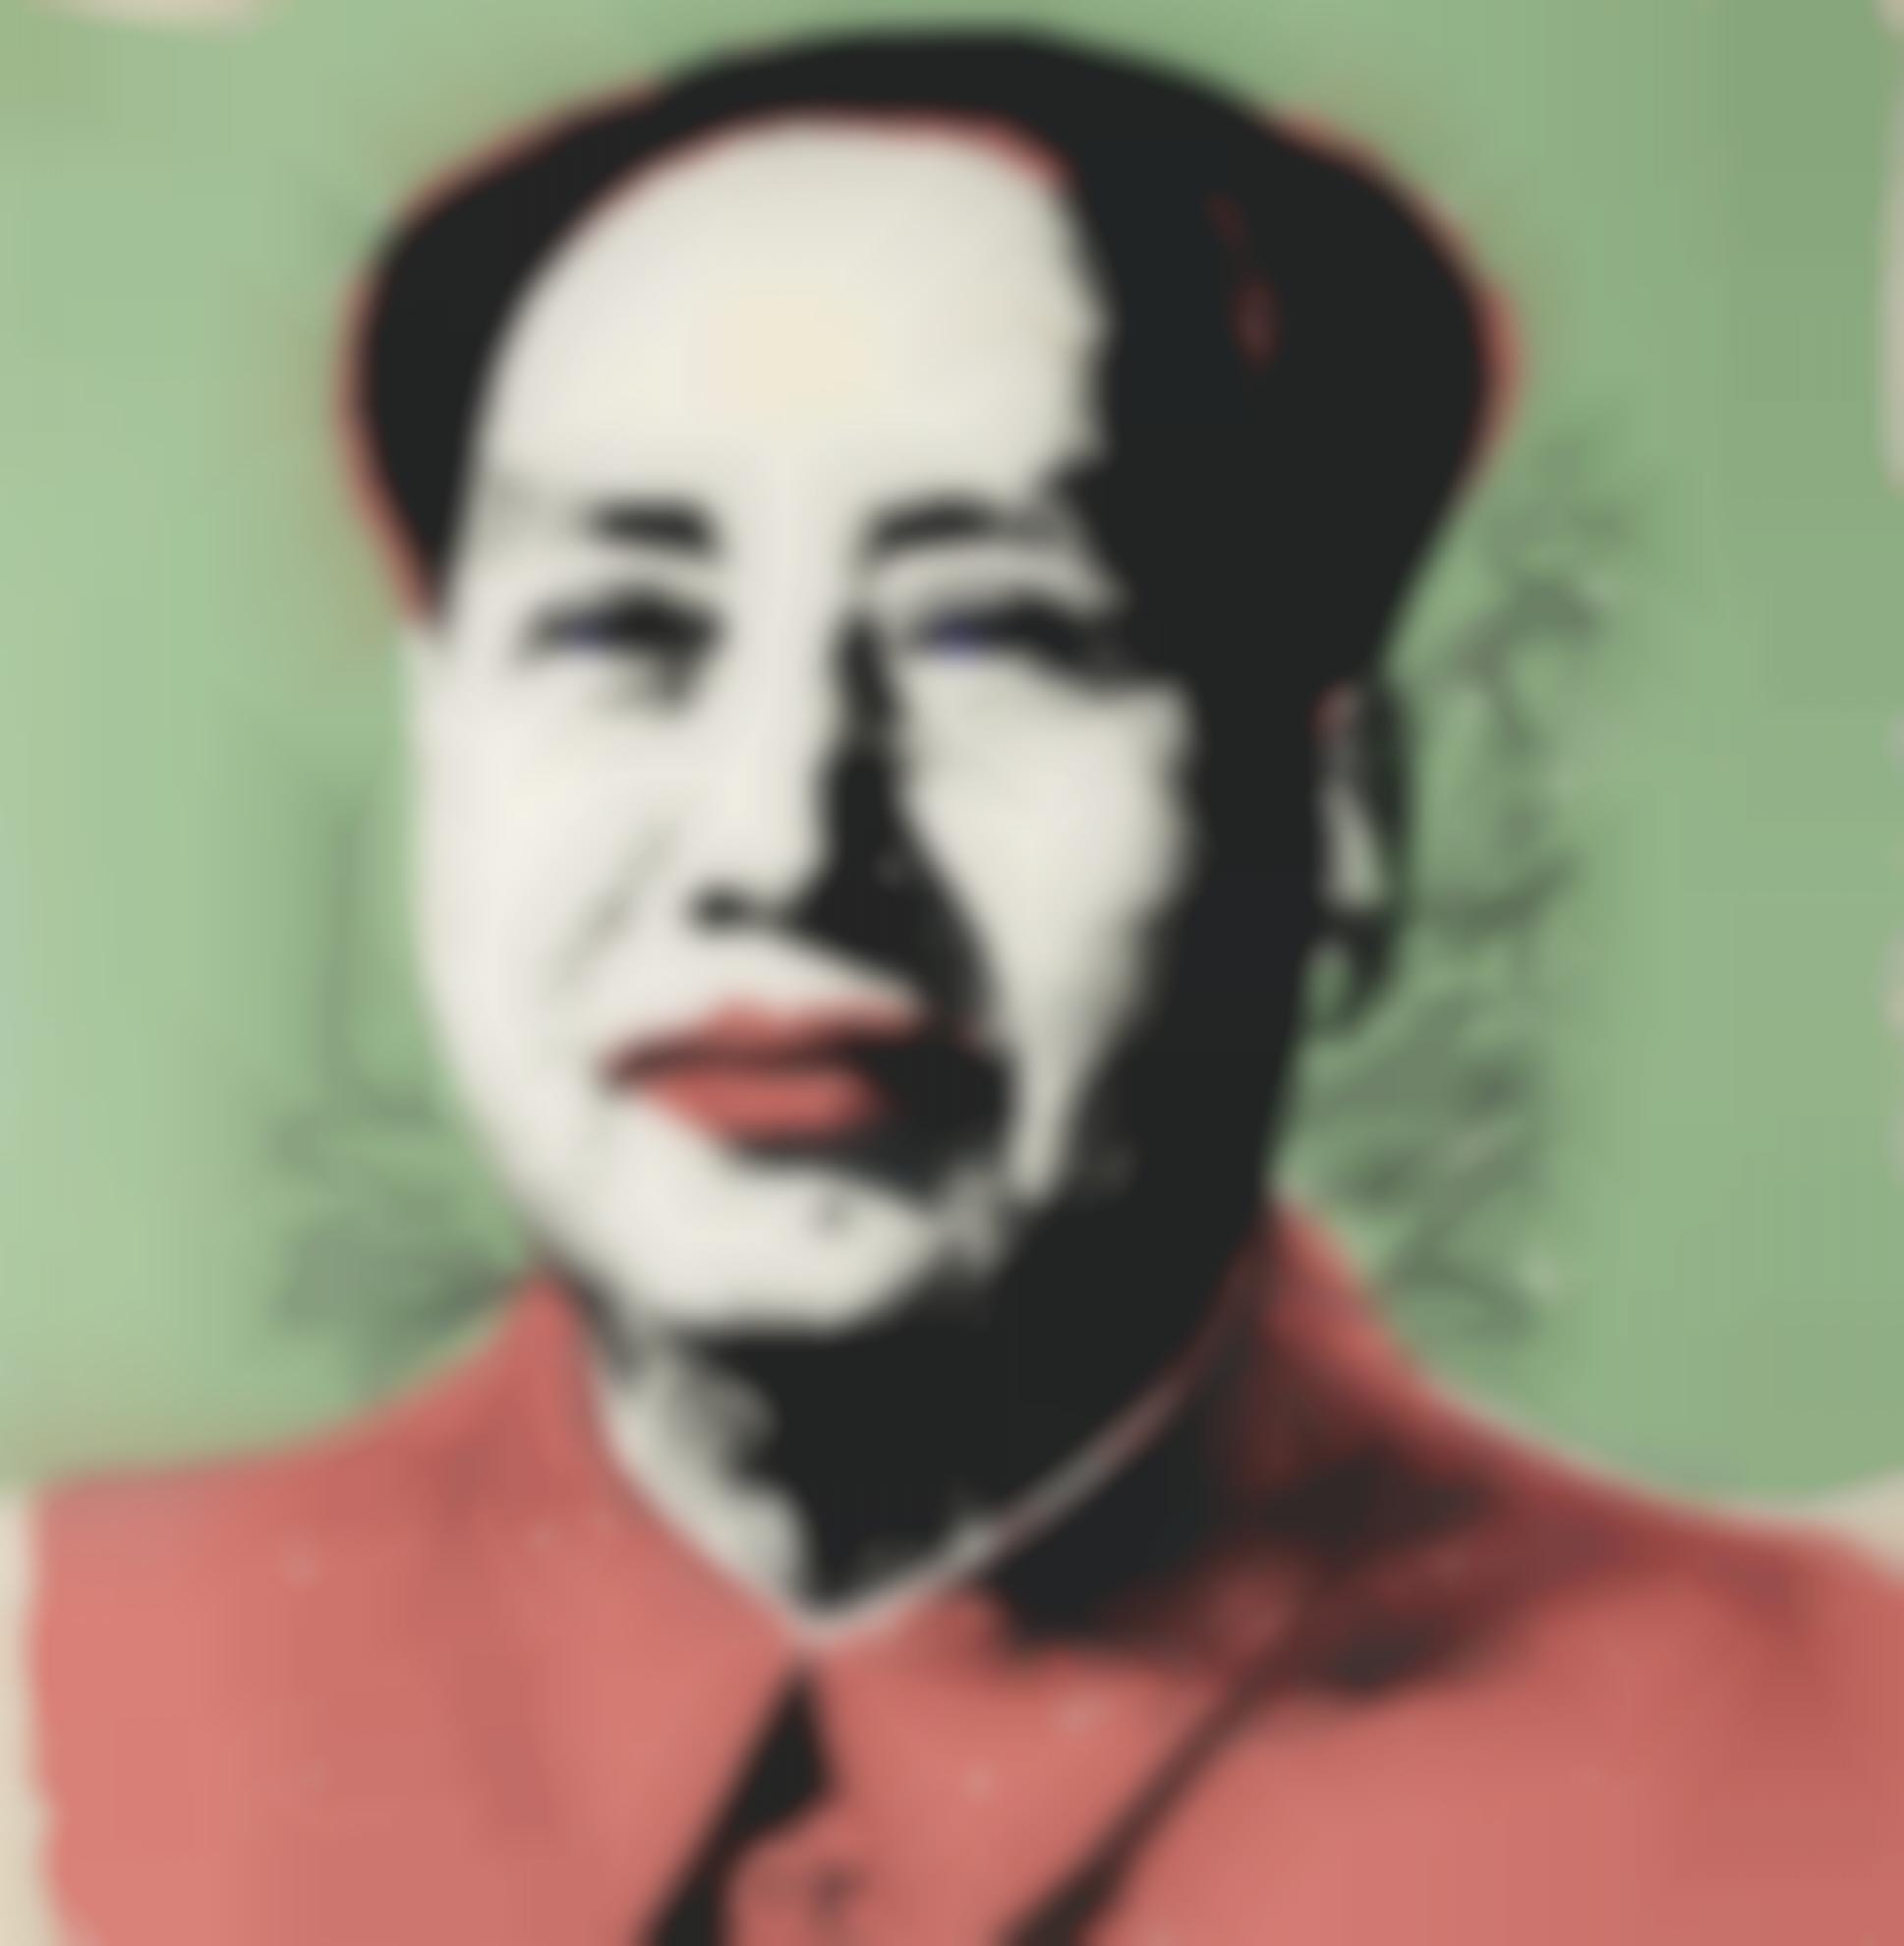 Andy Warhol-Mao (F. & S. II.95)-1972